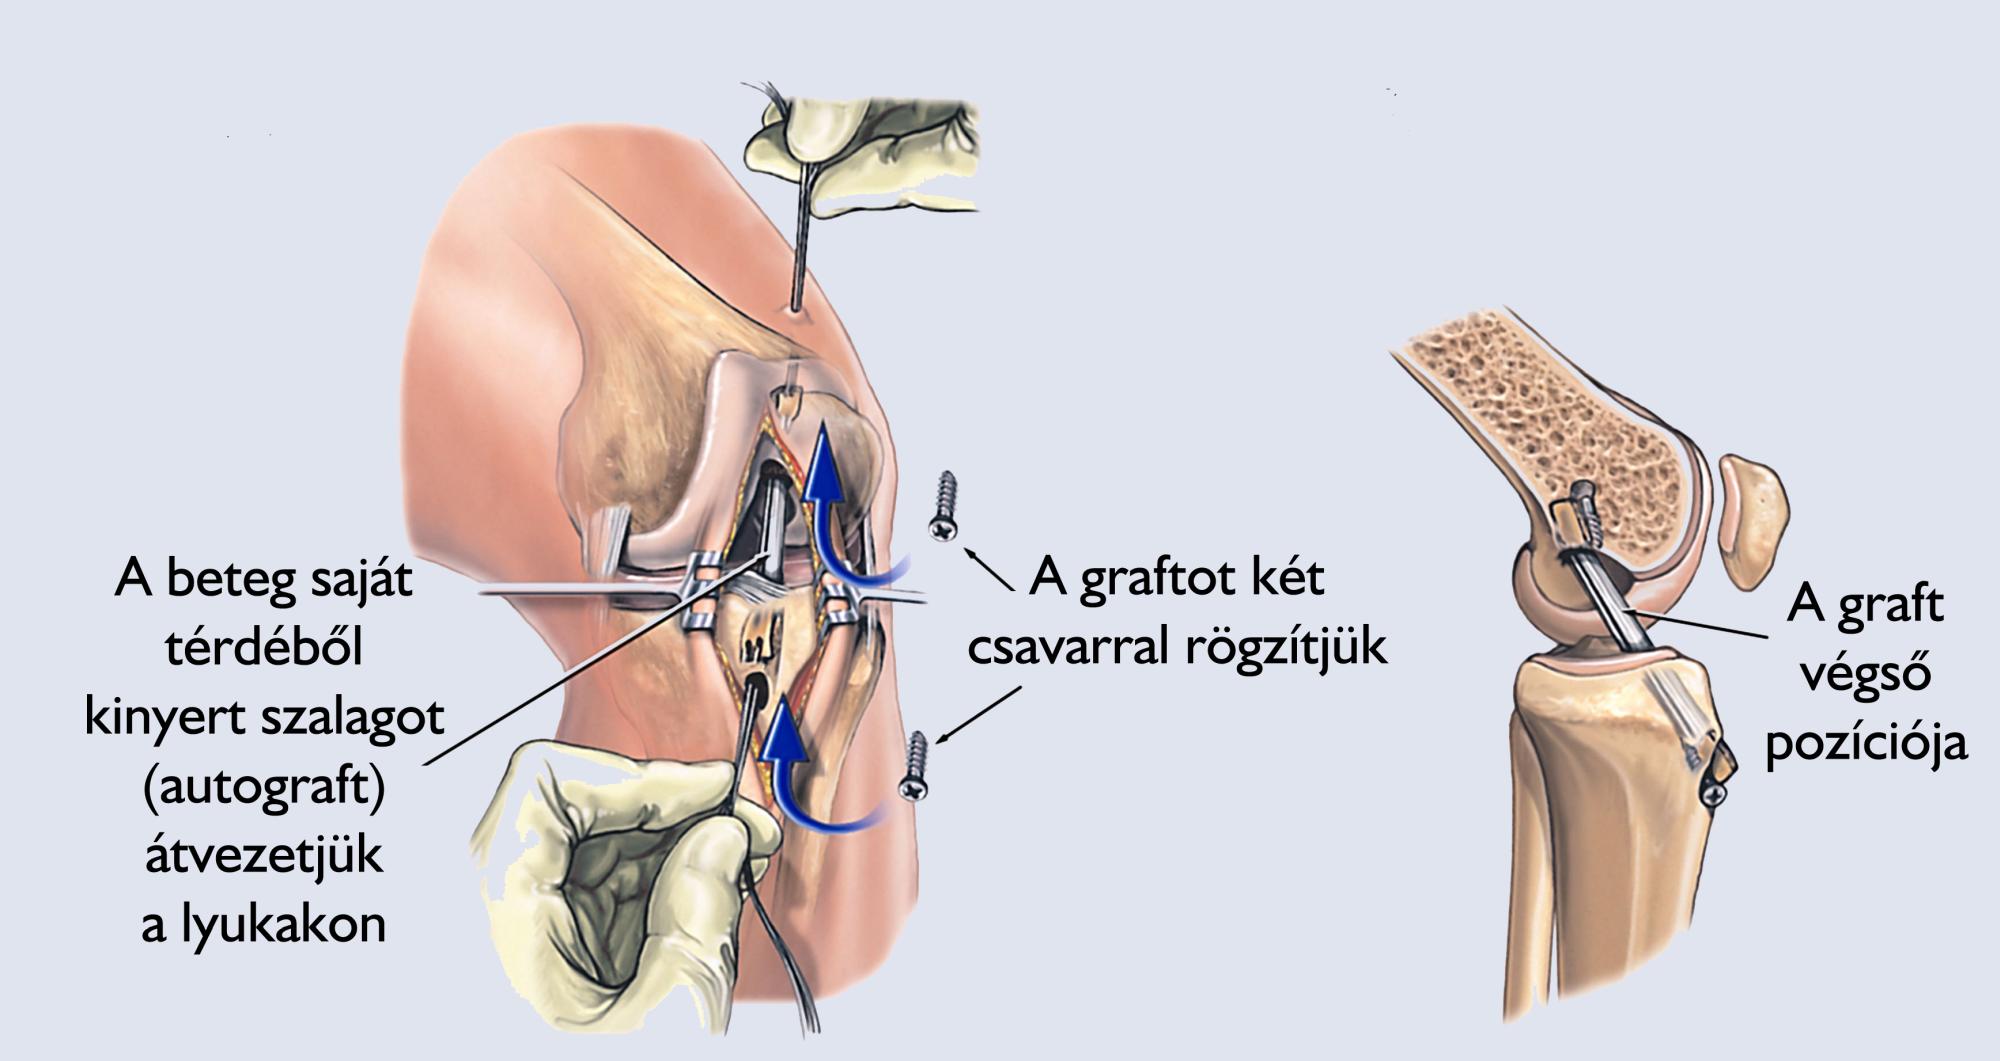 rekonstrukciós műtét rövidlátás miatt